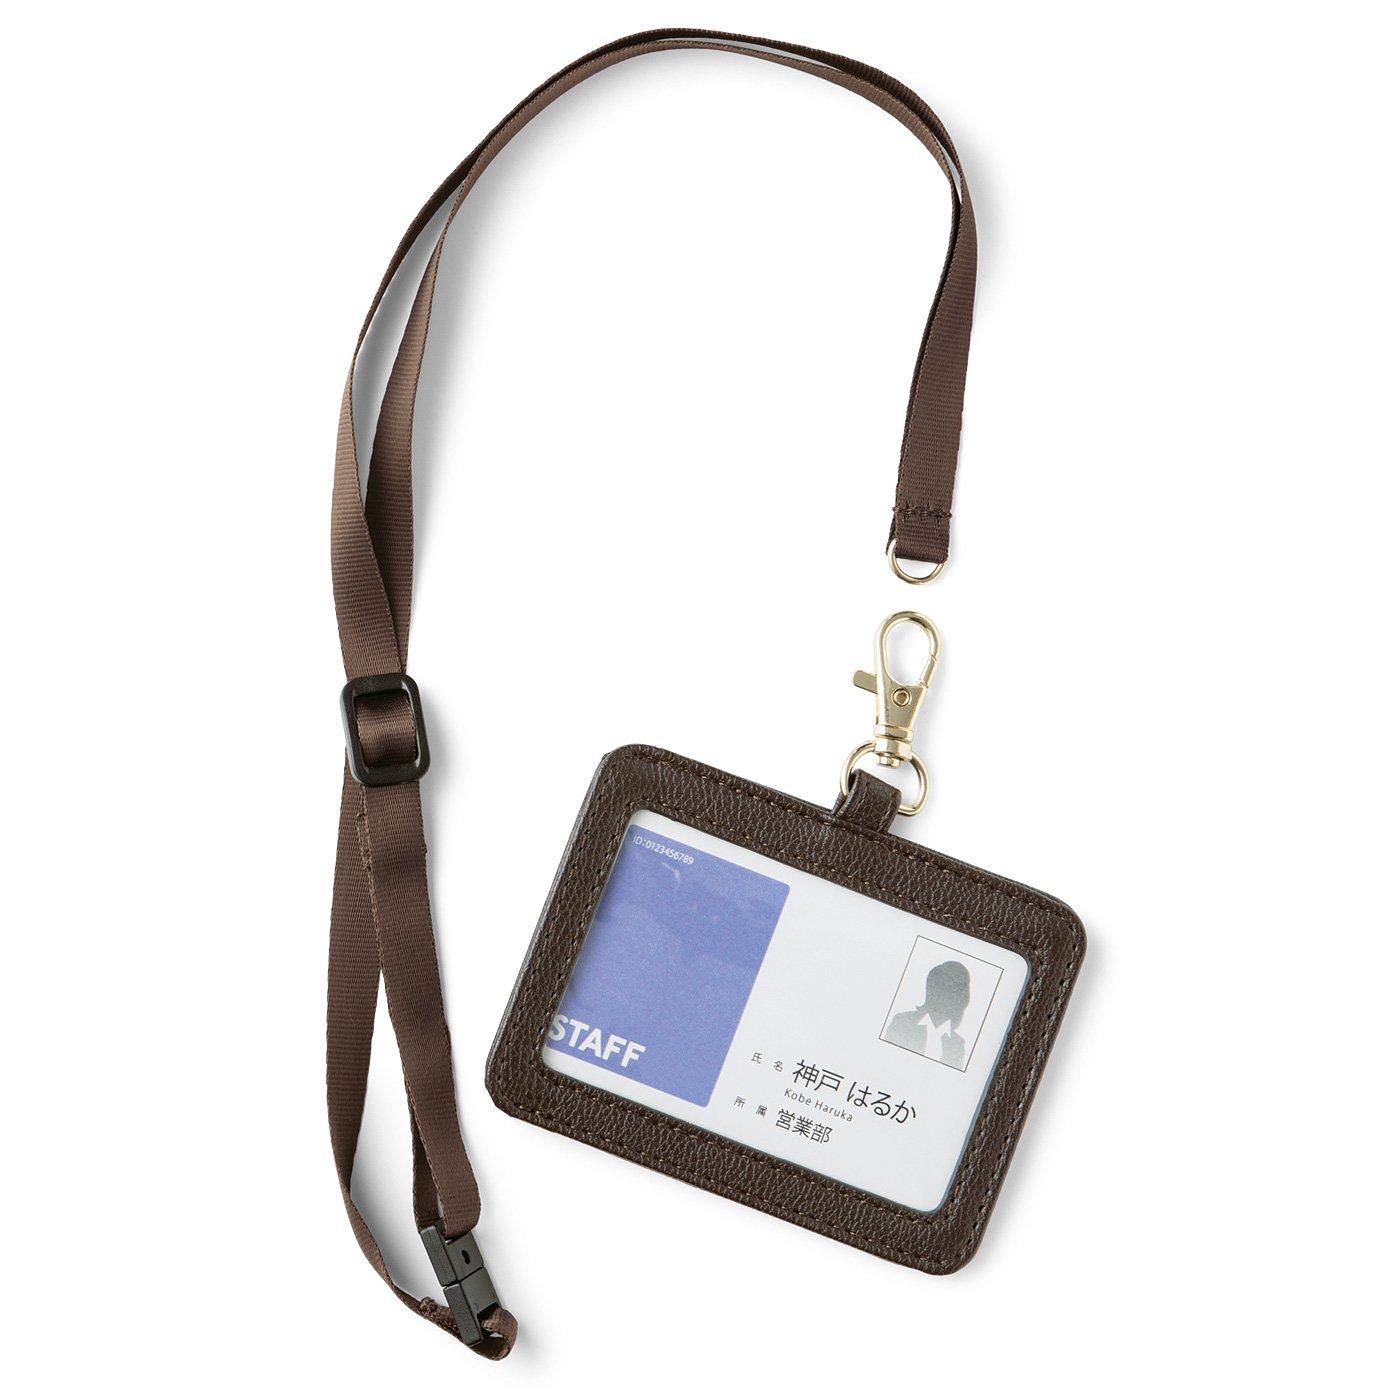 スマートに携帯2-WAY遣いで首肩にやさしいカードホルダーの会